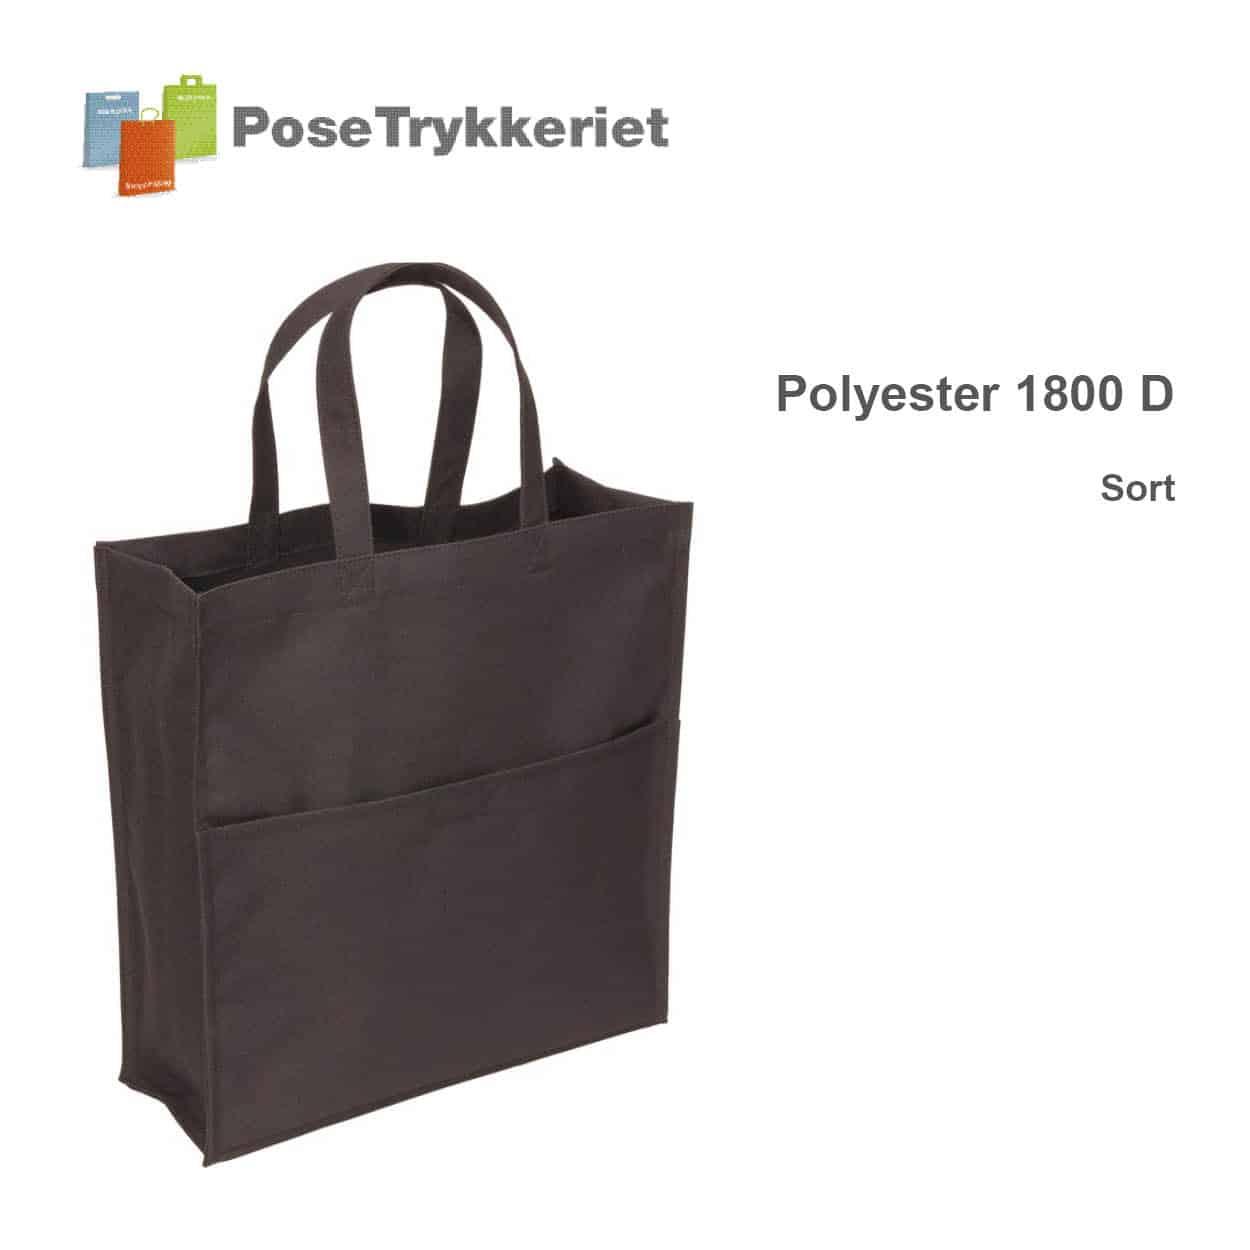 Revisor poser polyester 1800 D. PoseTrykkeriet.dk